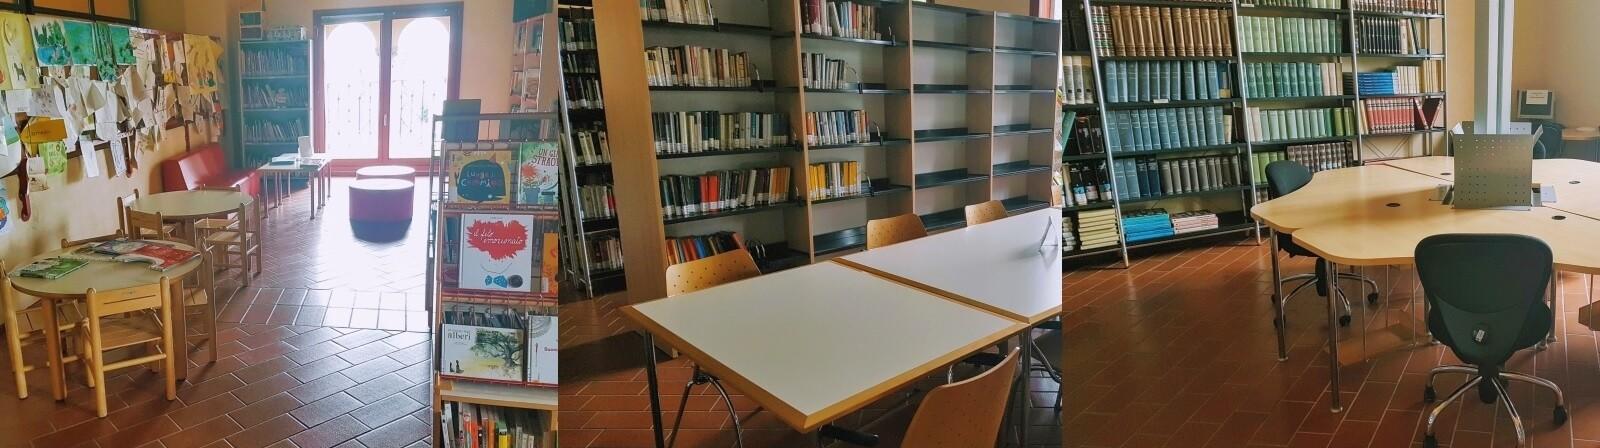 Foto con tre diversi scorci dei locali della biblioteca comunale